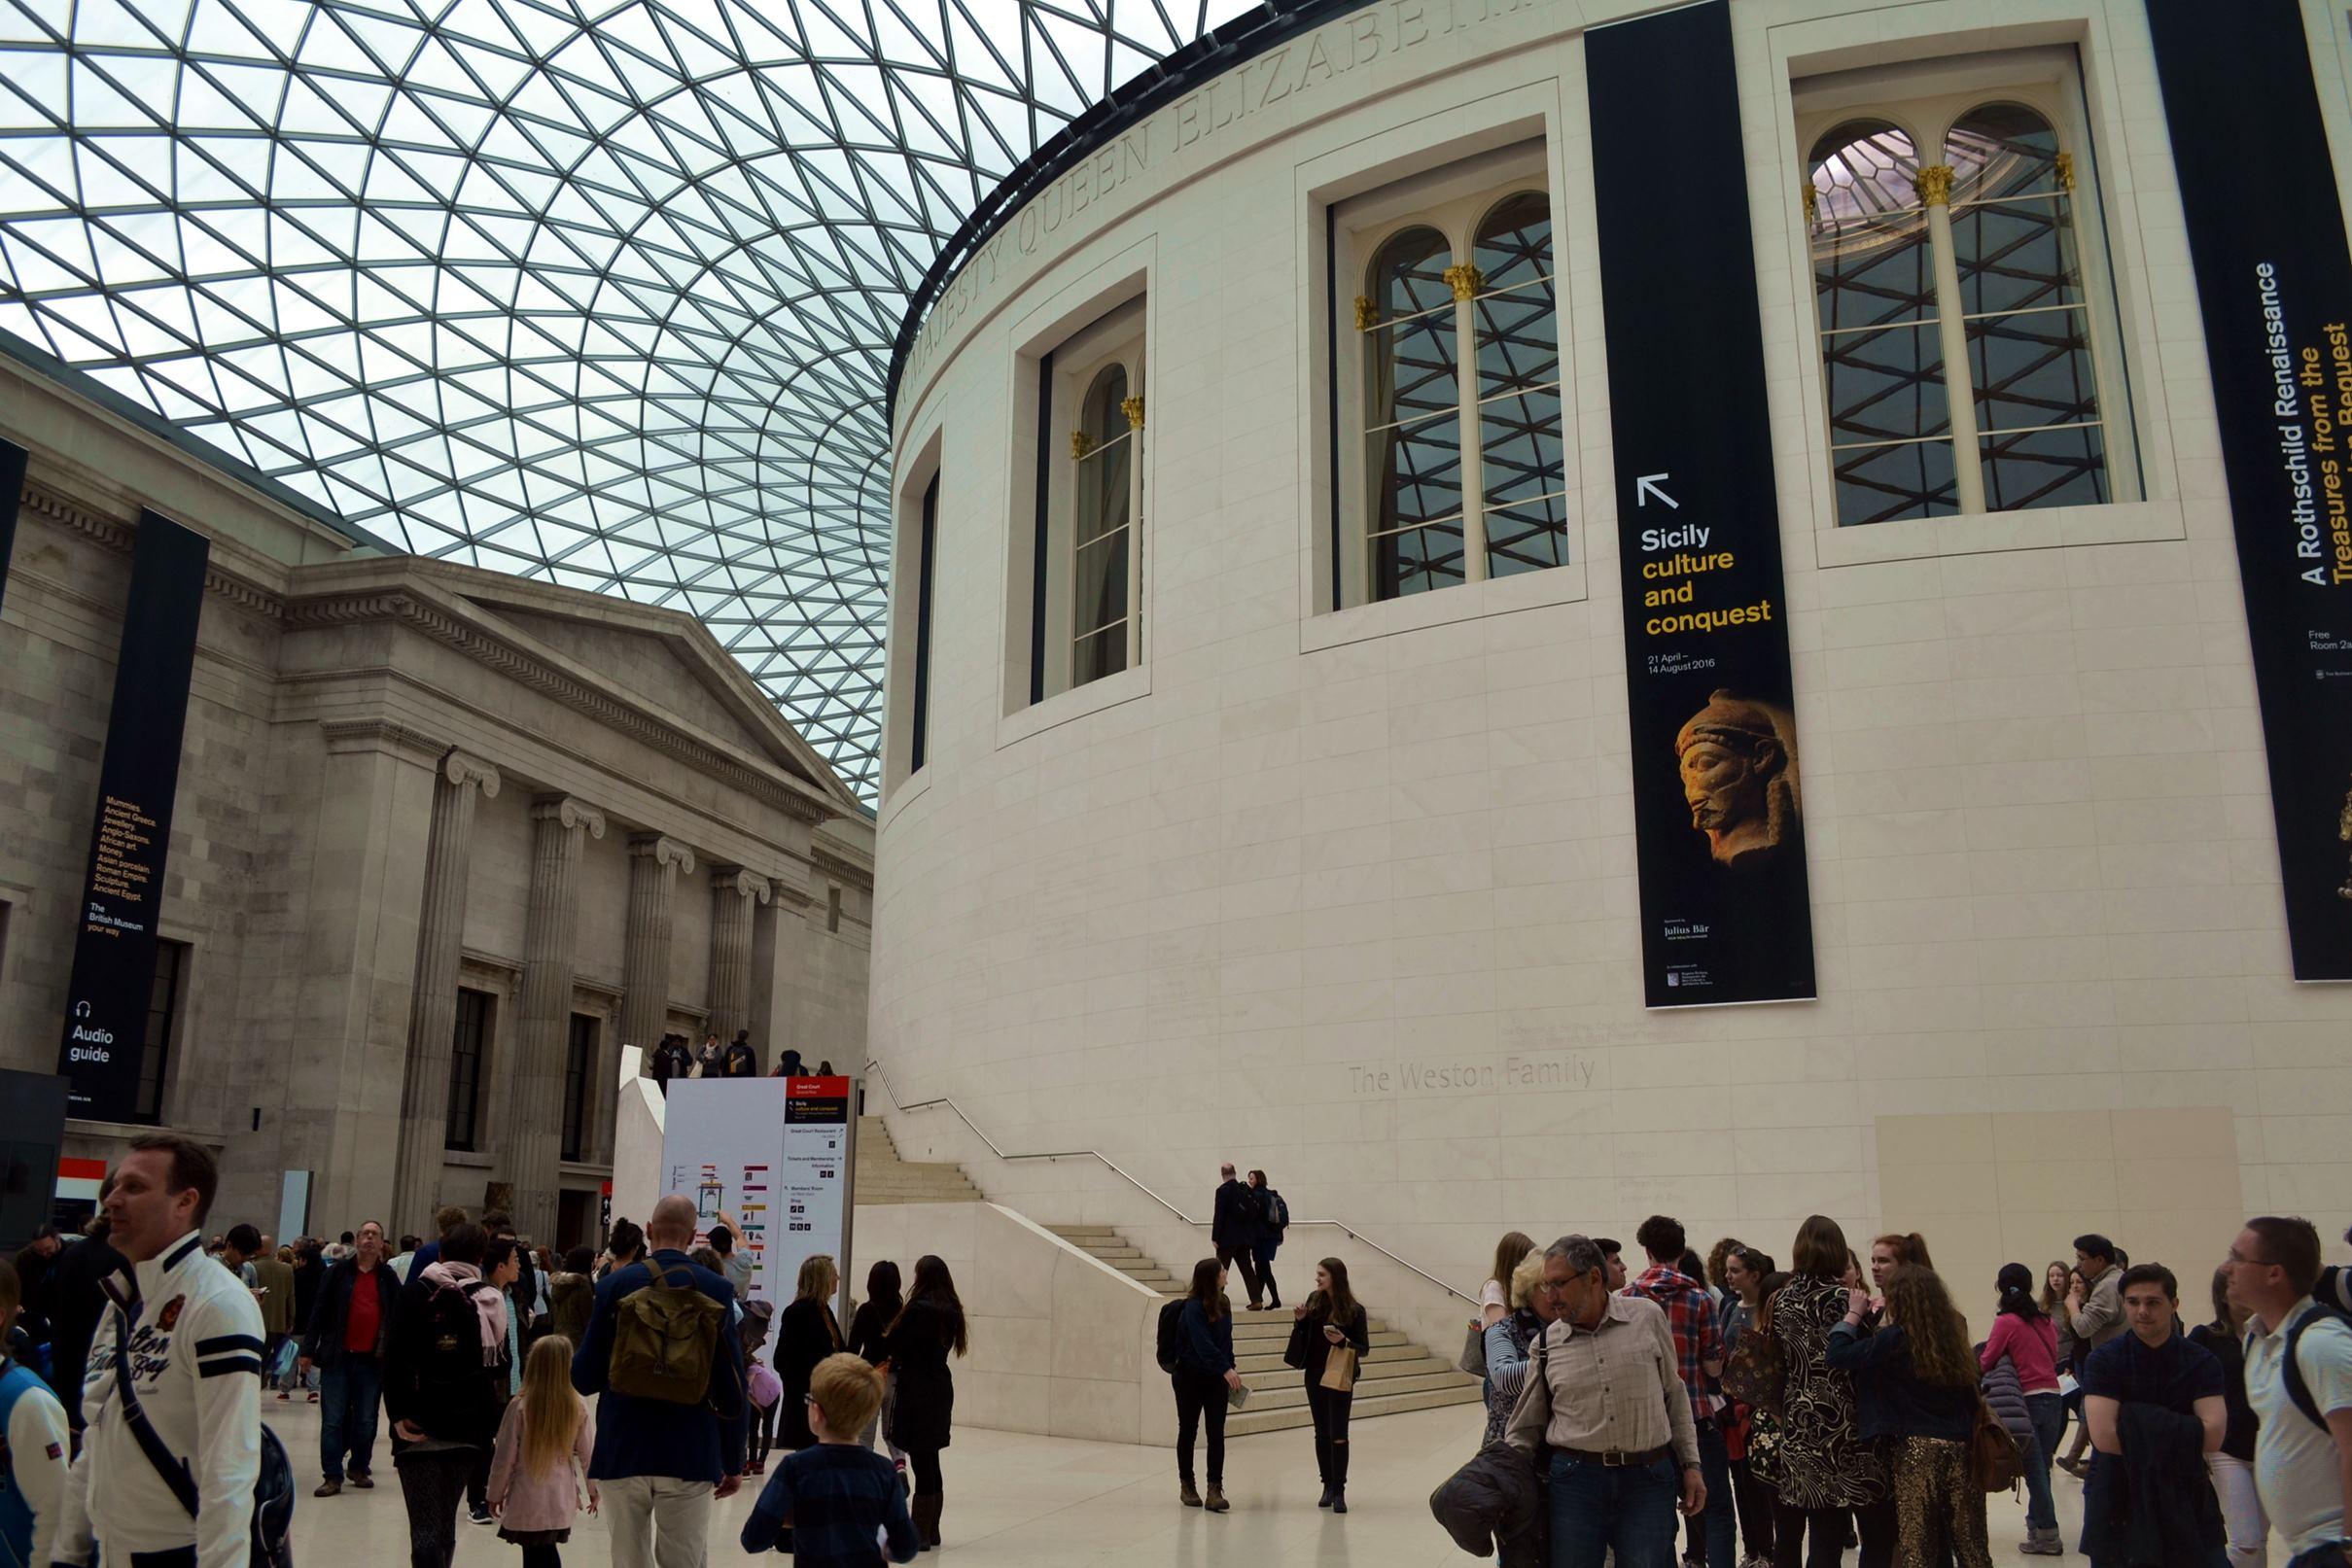 londres_inglaterra_britishmuseum_2